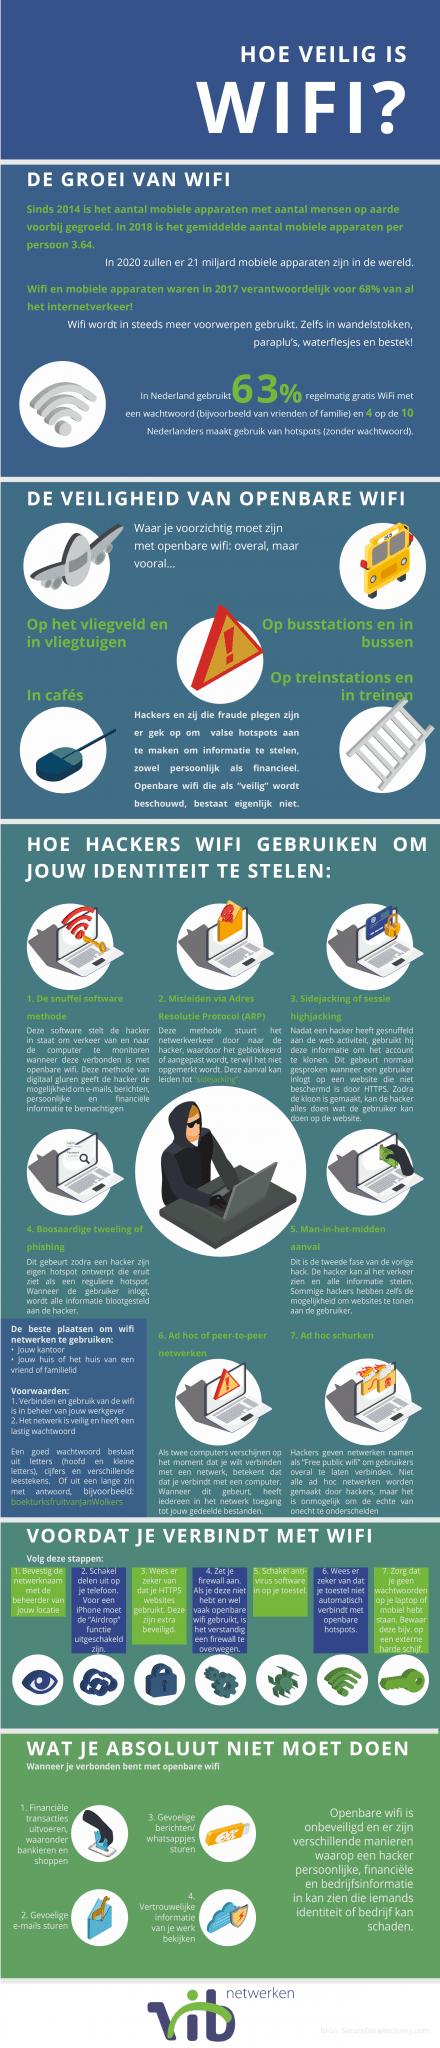 veiligheid van openbare wifi vib netwerken